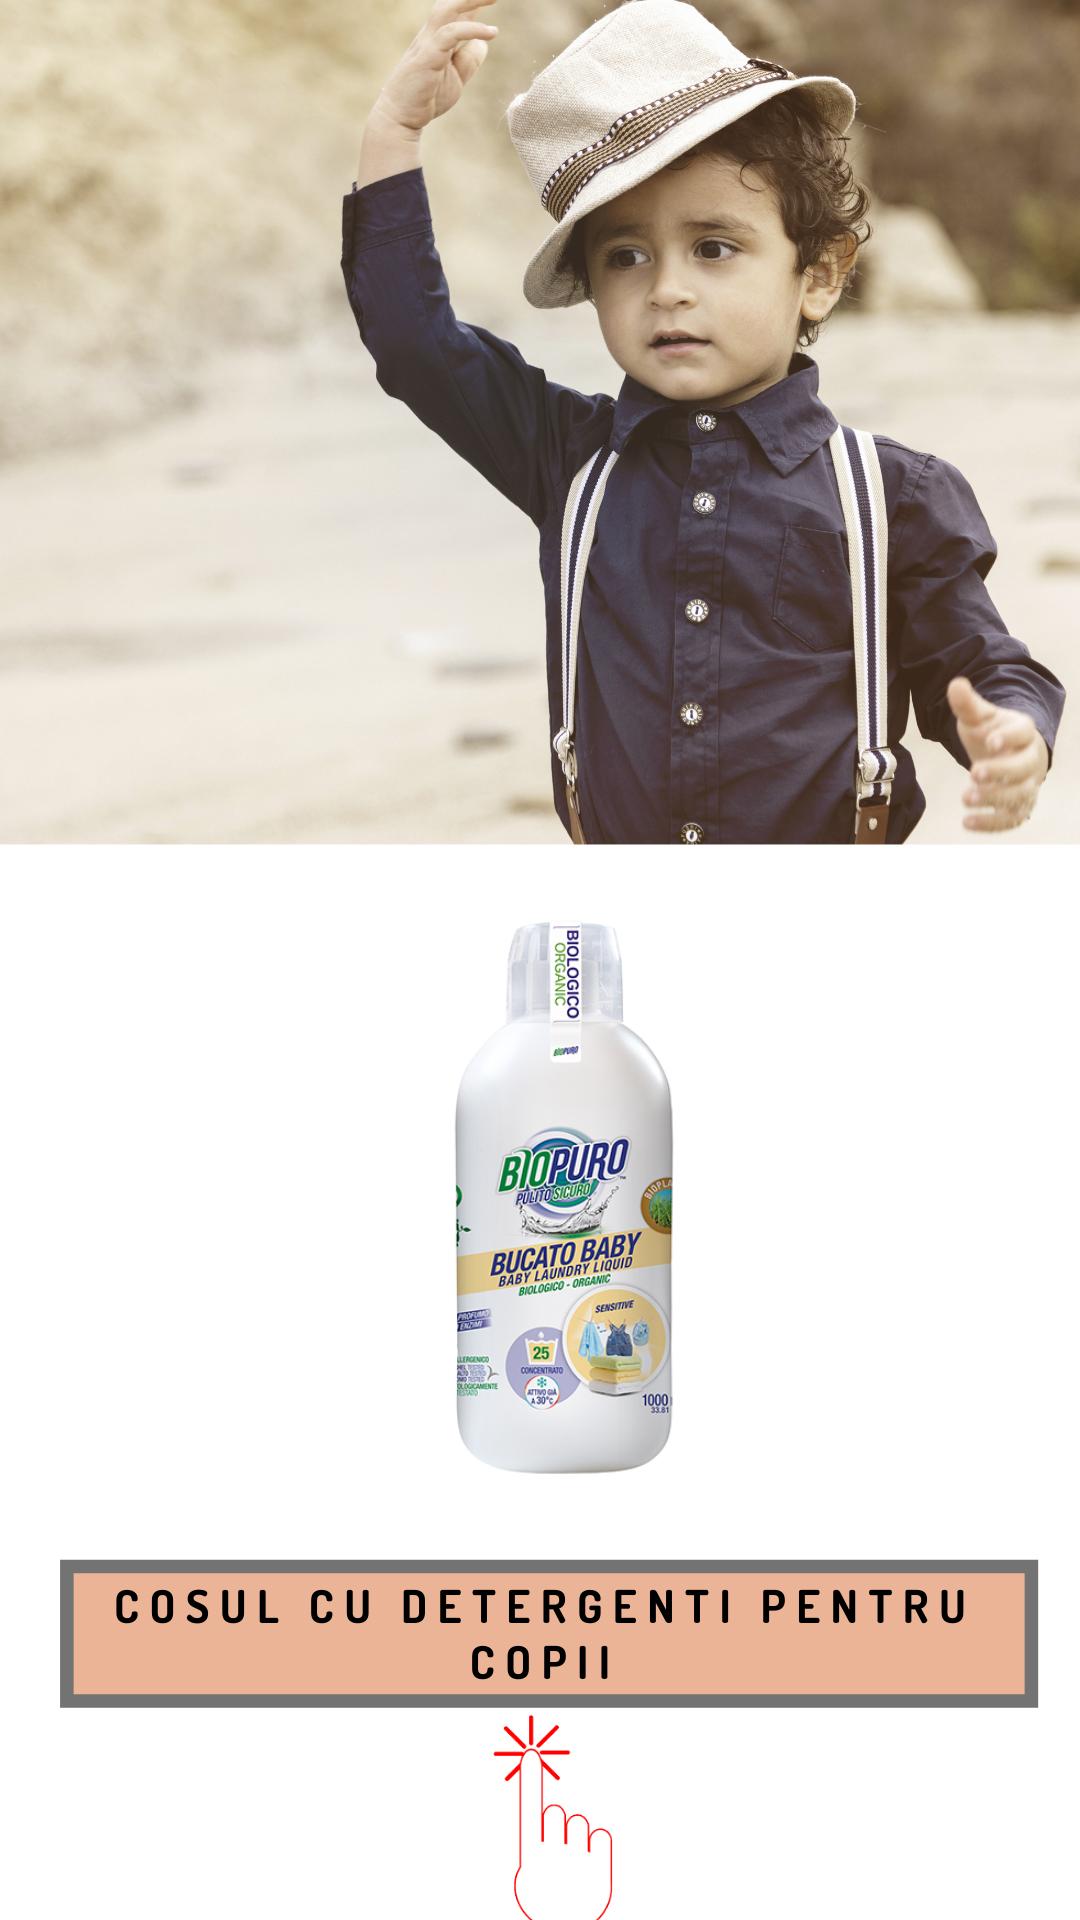 Cosul cu detergenti pentru copii